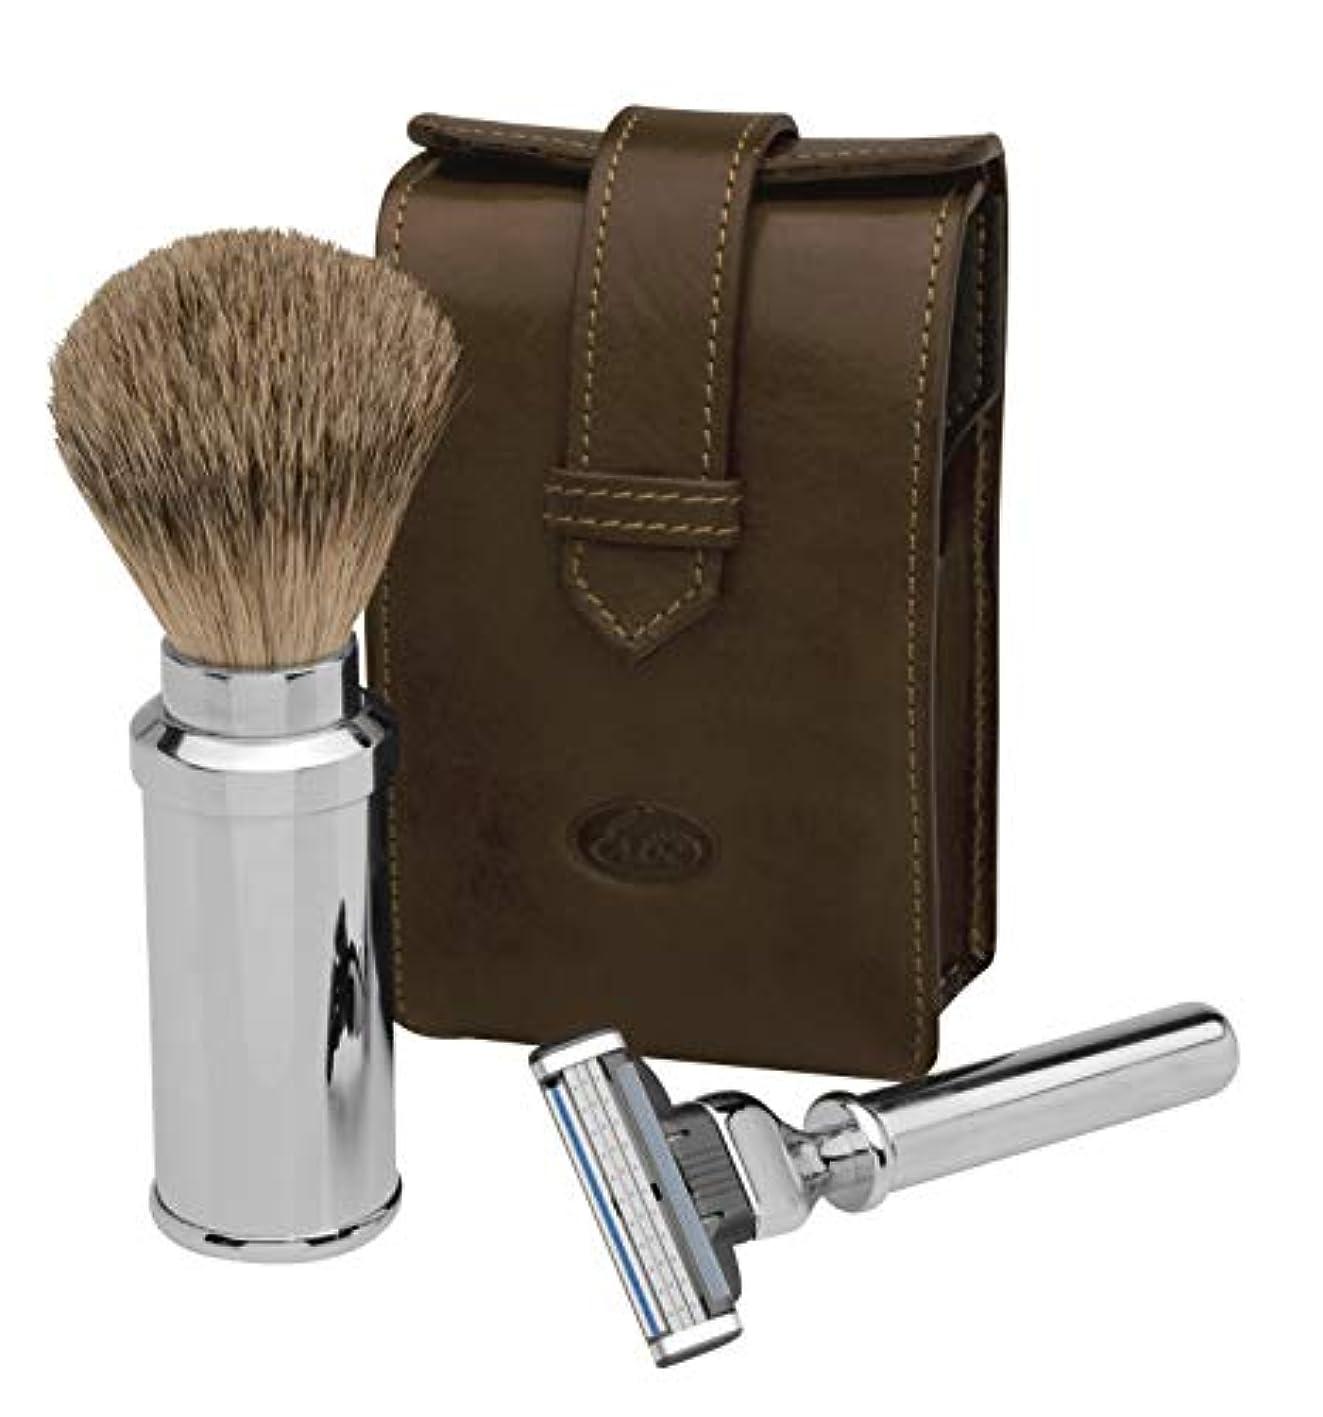 ねばねば光暴徒Erbe Travel Shaving Set, Razor and Shaving Brush in brown Leather Pocket